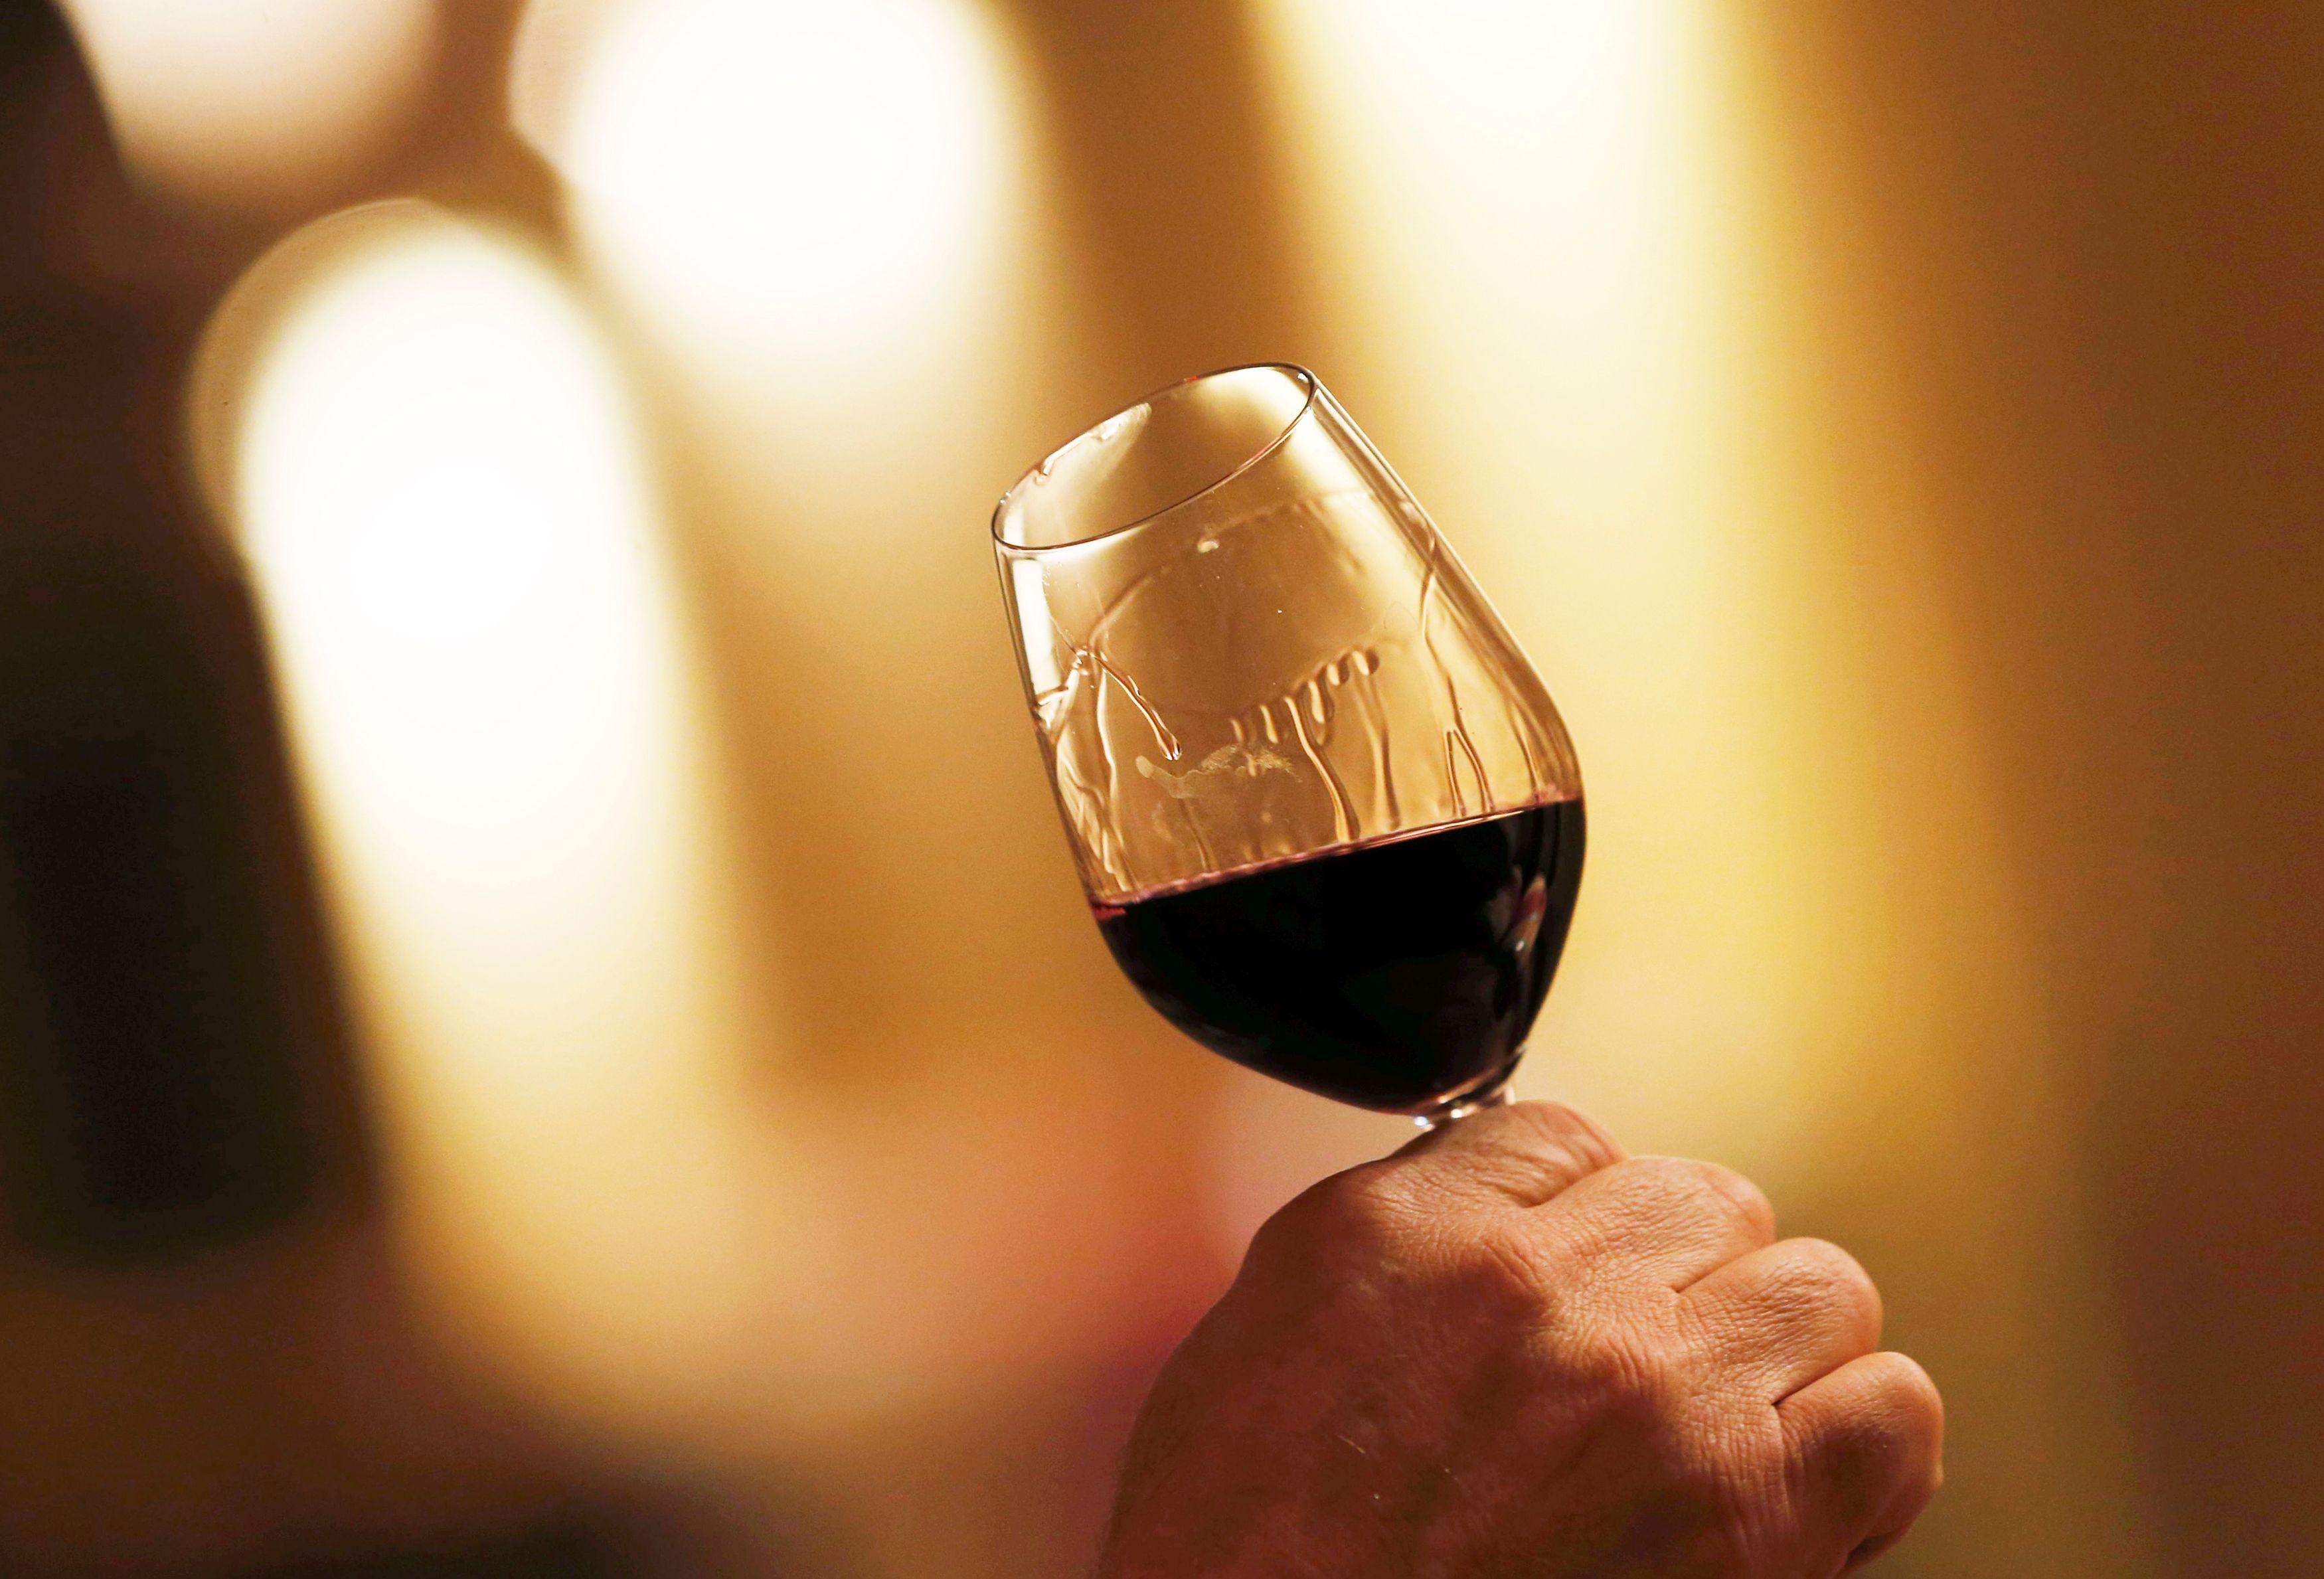 Le vin le plus cher au monde coûte 14 254 euros la bouteille et c'est un Bourgogne